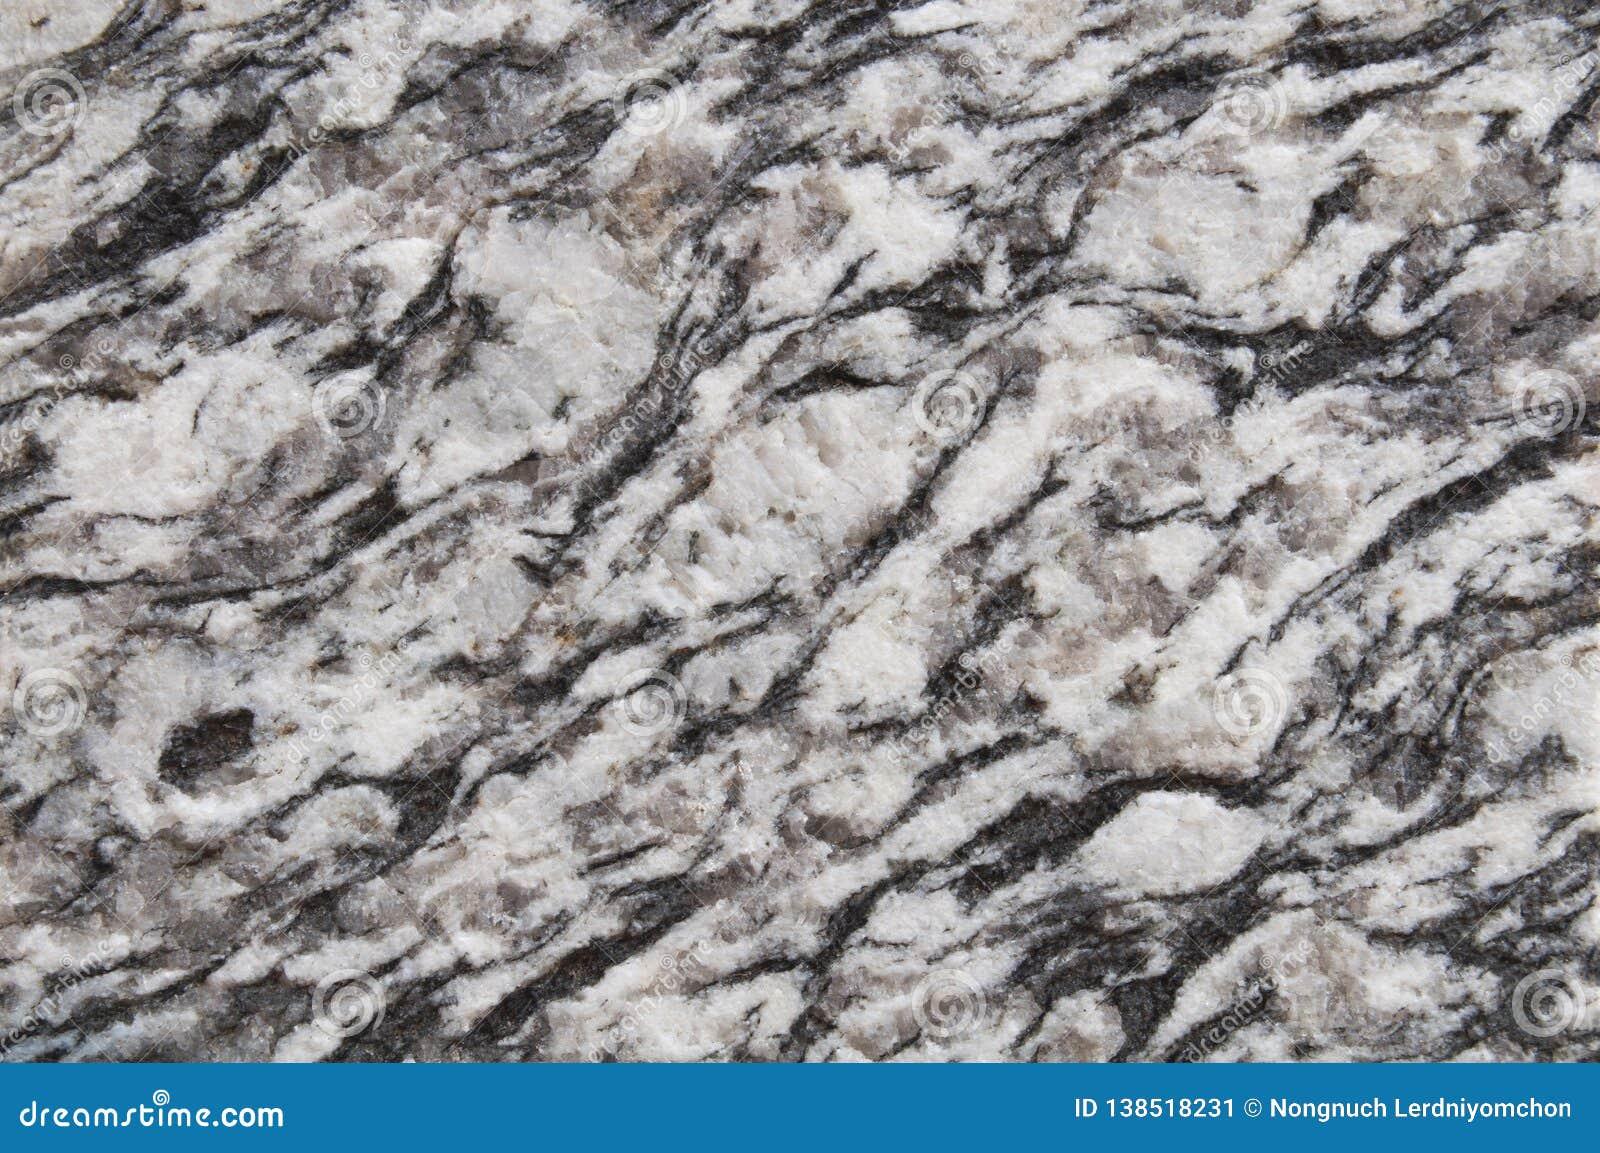 黑白,黑褐色花岗岩石纹理背景 墙壁,地板黑色花岗岩,石英石头自然样式设计或abstra